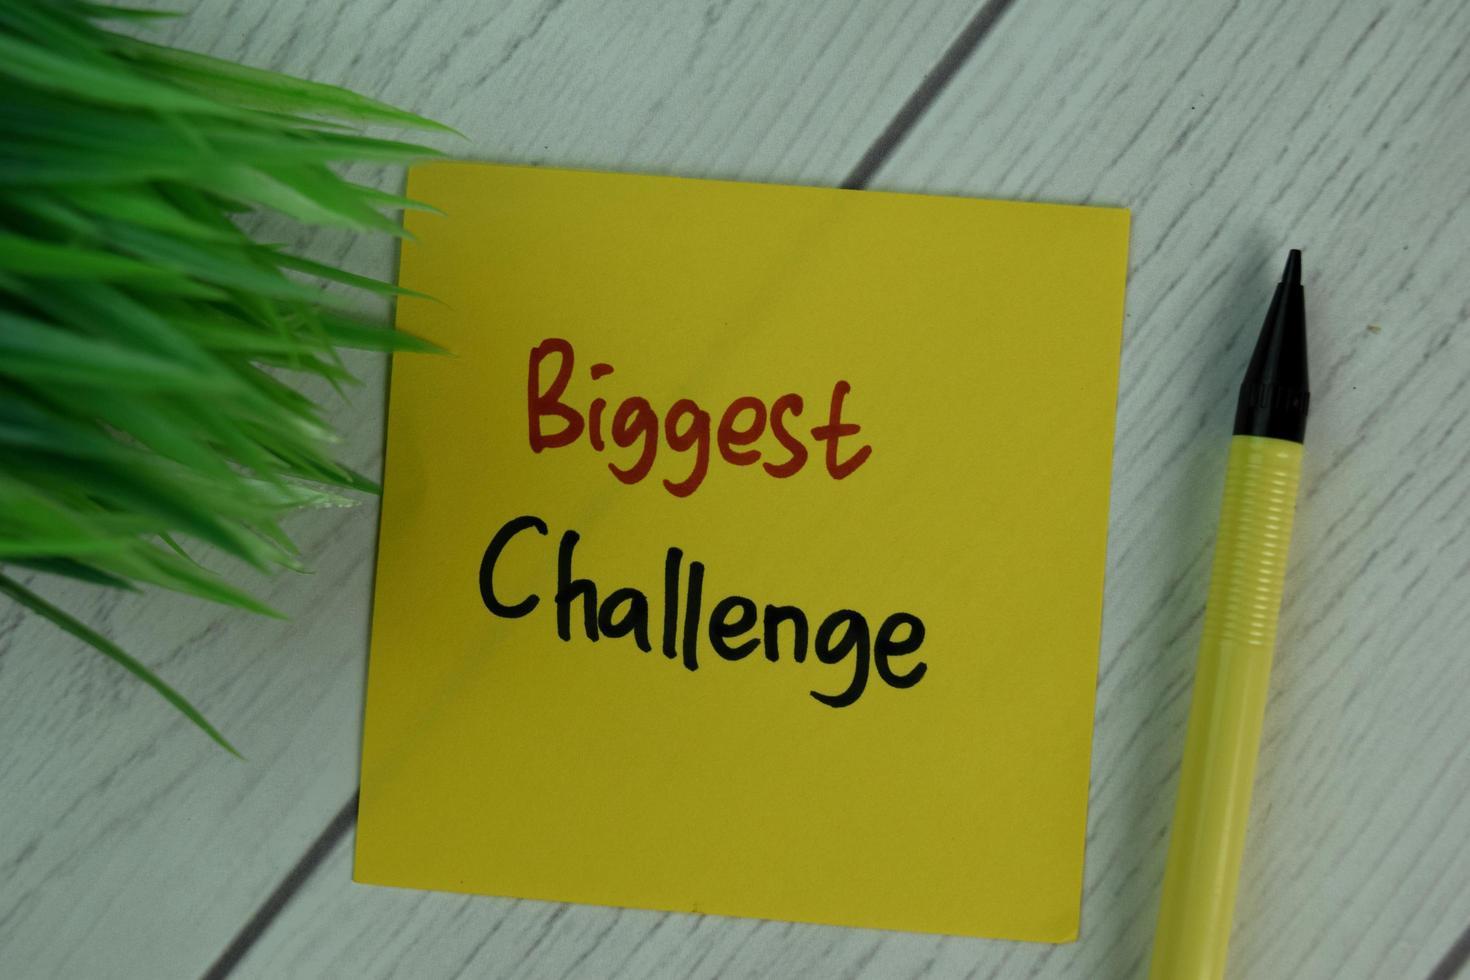 största utmaningen skriven på fästis isolerad på träbord foto